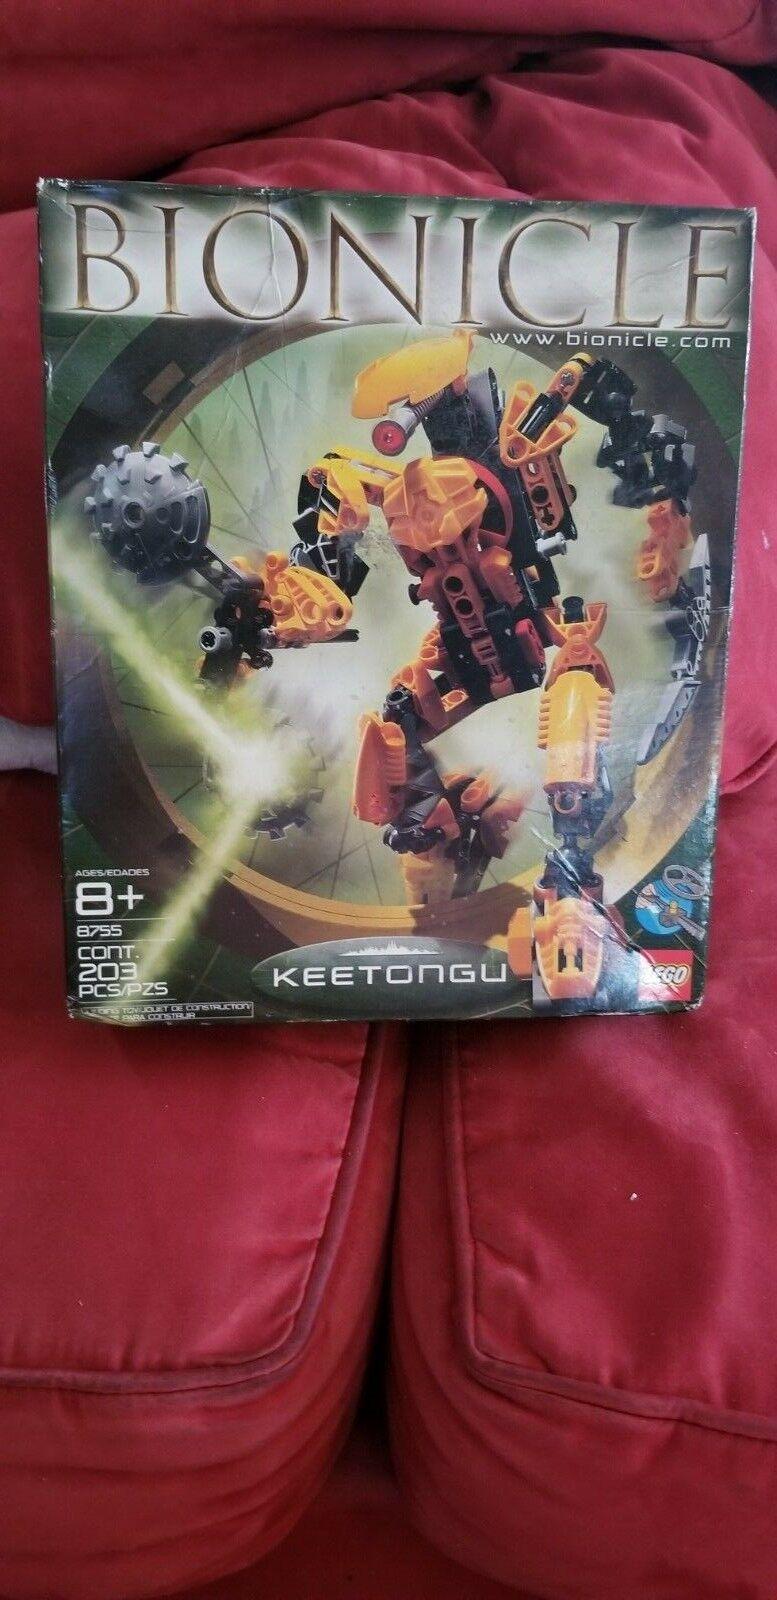 controlla il più economico Lego Bionicle Keetongu Metru Nui Nui Nui 8755 Bre nuovo Sealed scatola 203 pcs  la migliore offerta del negozio online